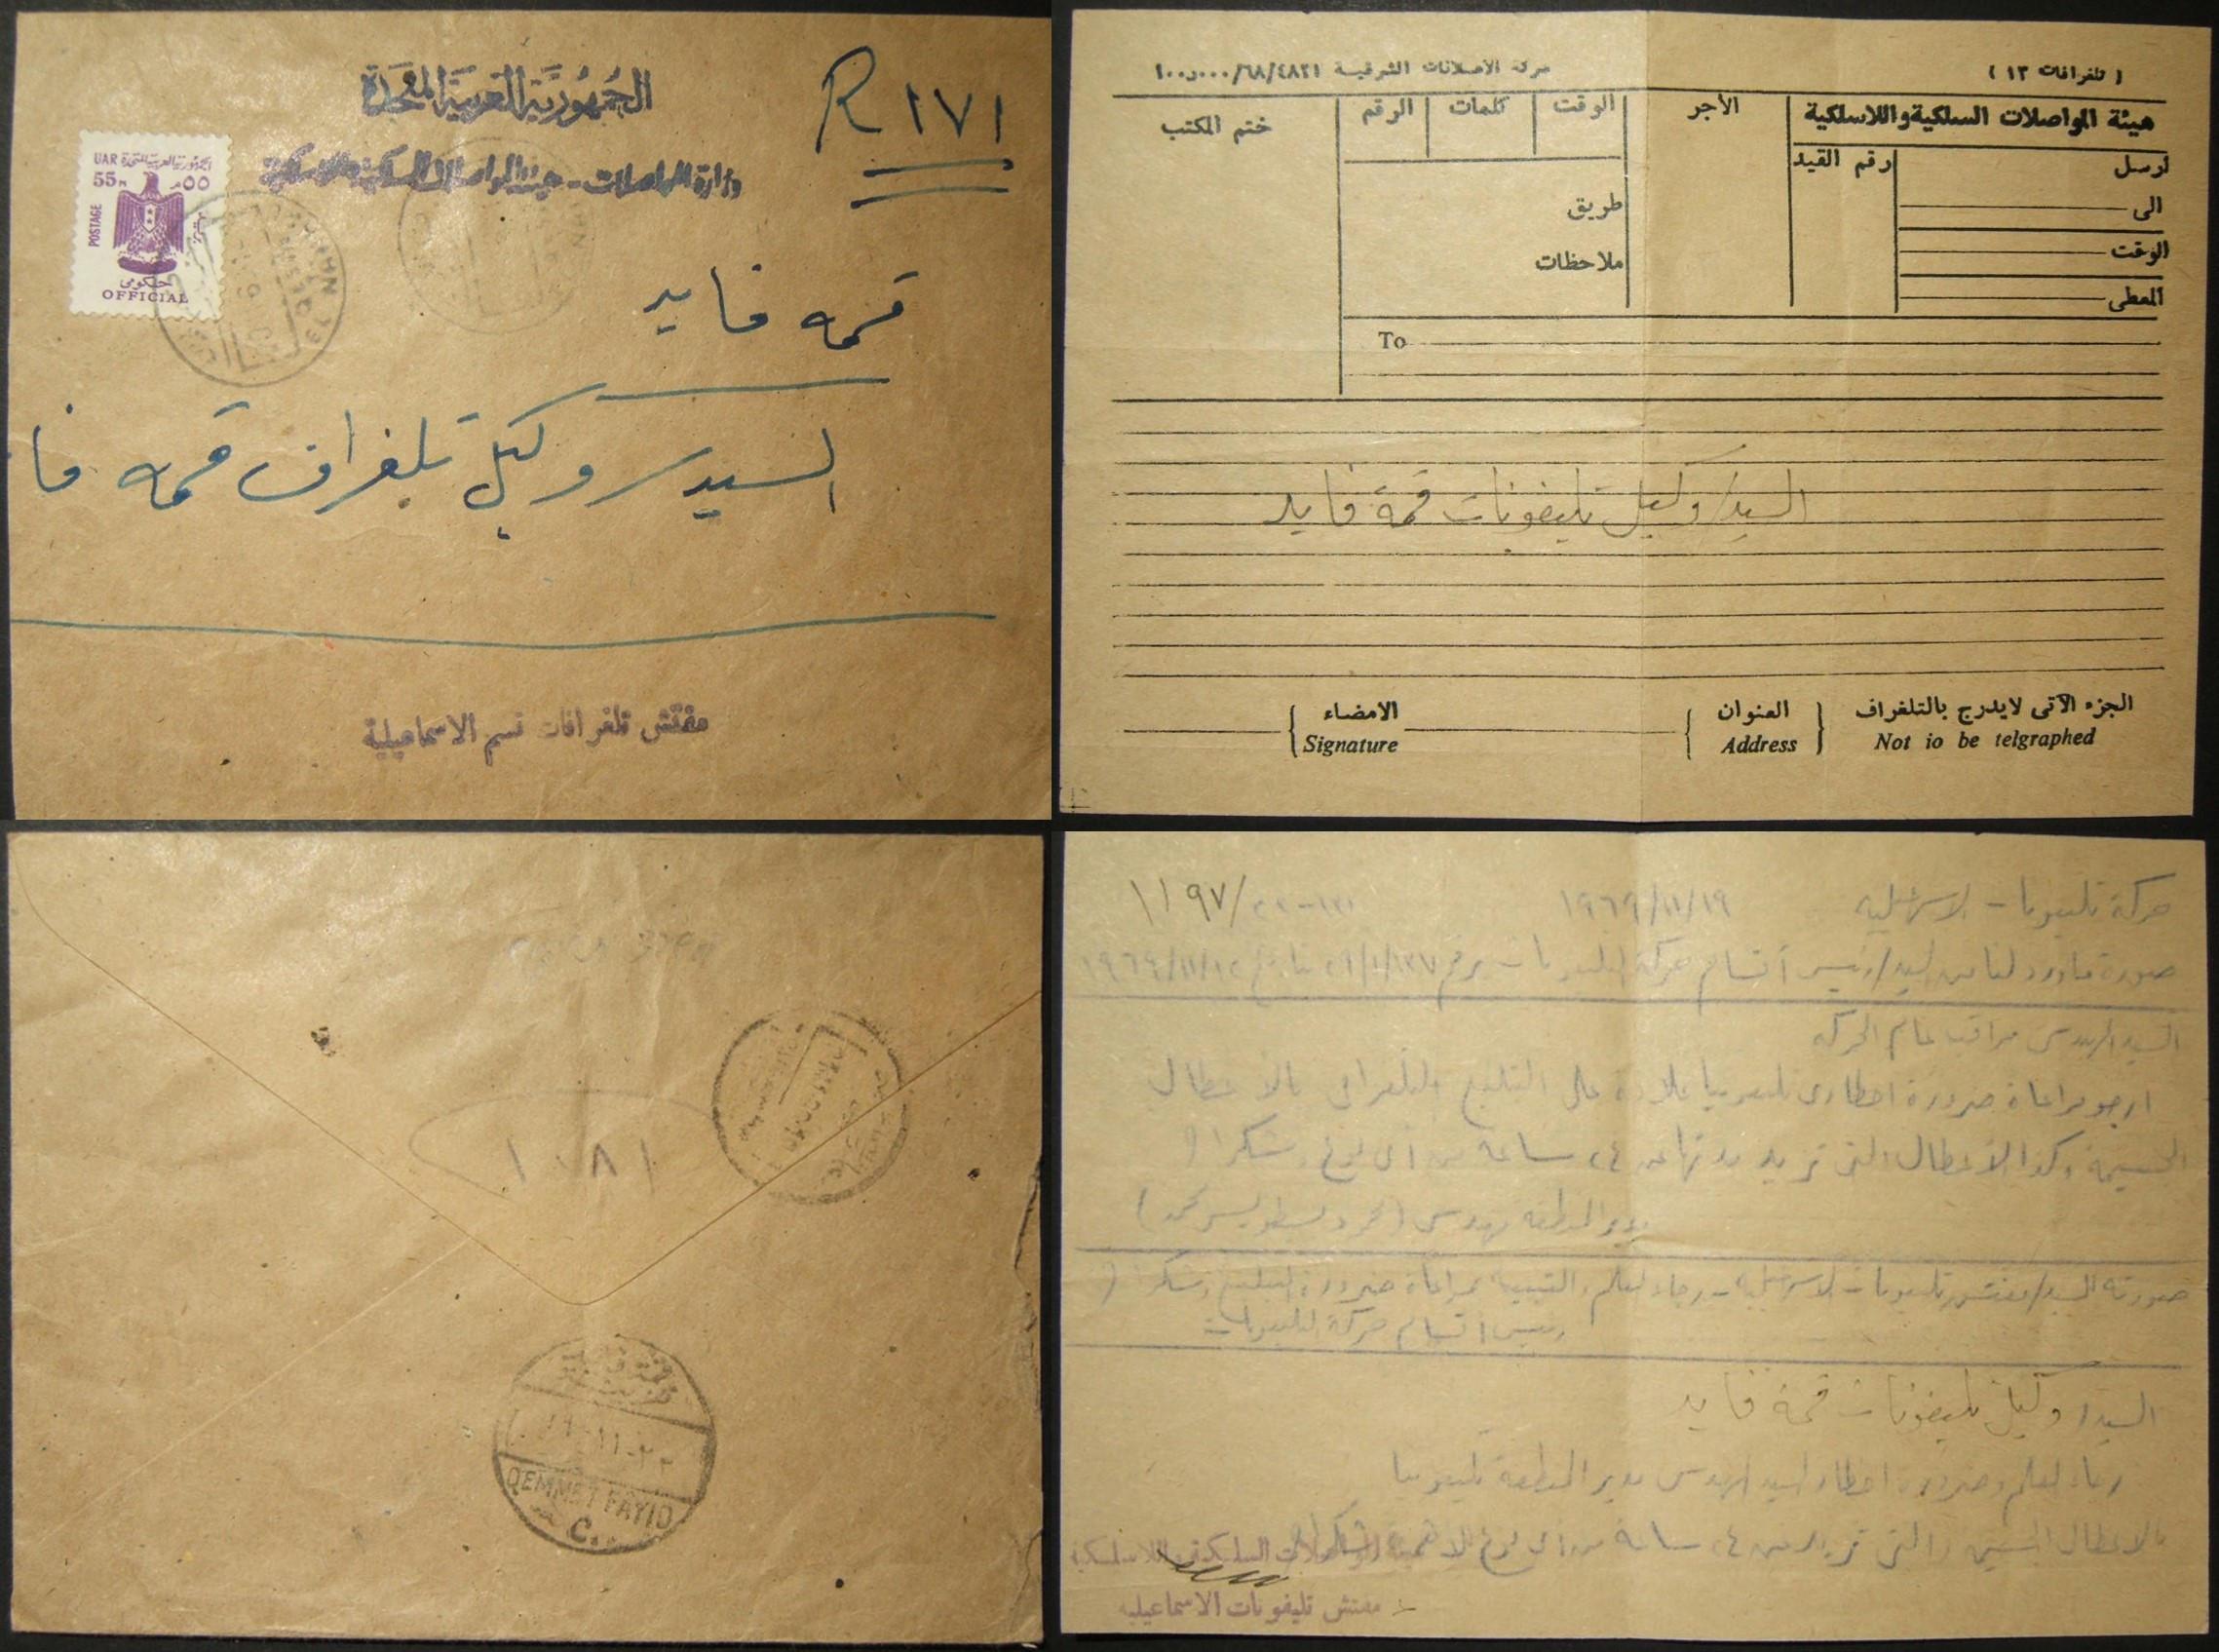 1973 حرب يوم الغفران - البريد المصري الذي استولت عليه إسرائيل من QESM EL NAH إلى RAF FAYID